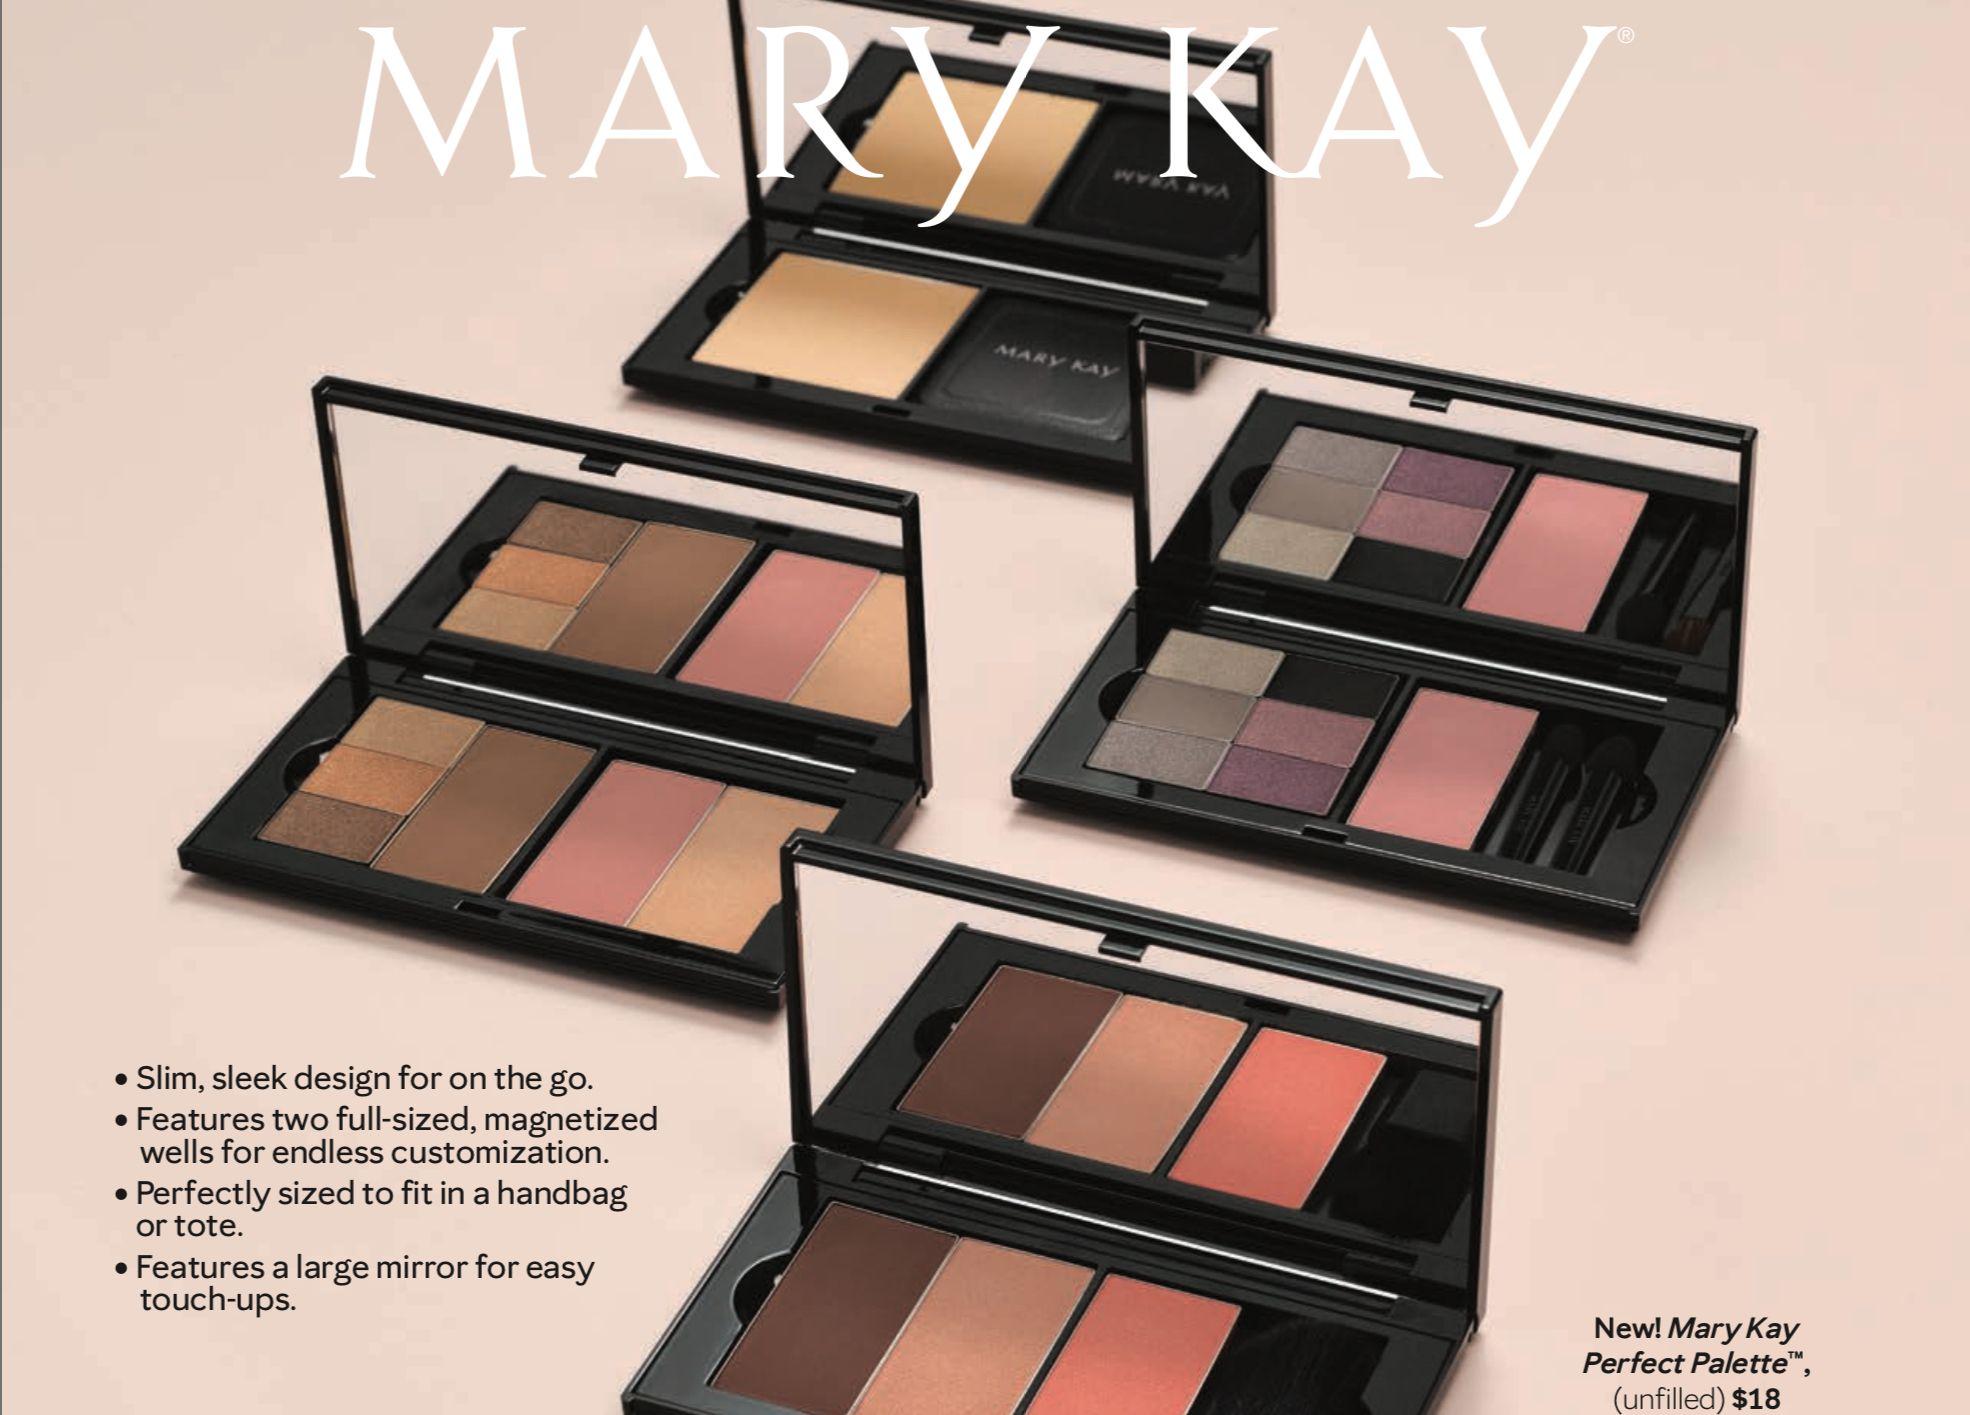 Mk Beautiful Compact Mary Kay Business Mary Kay Mary Kay Eyes